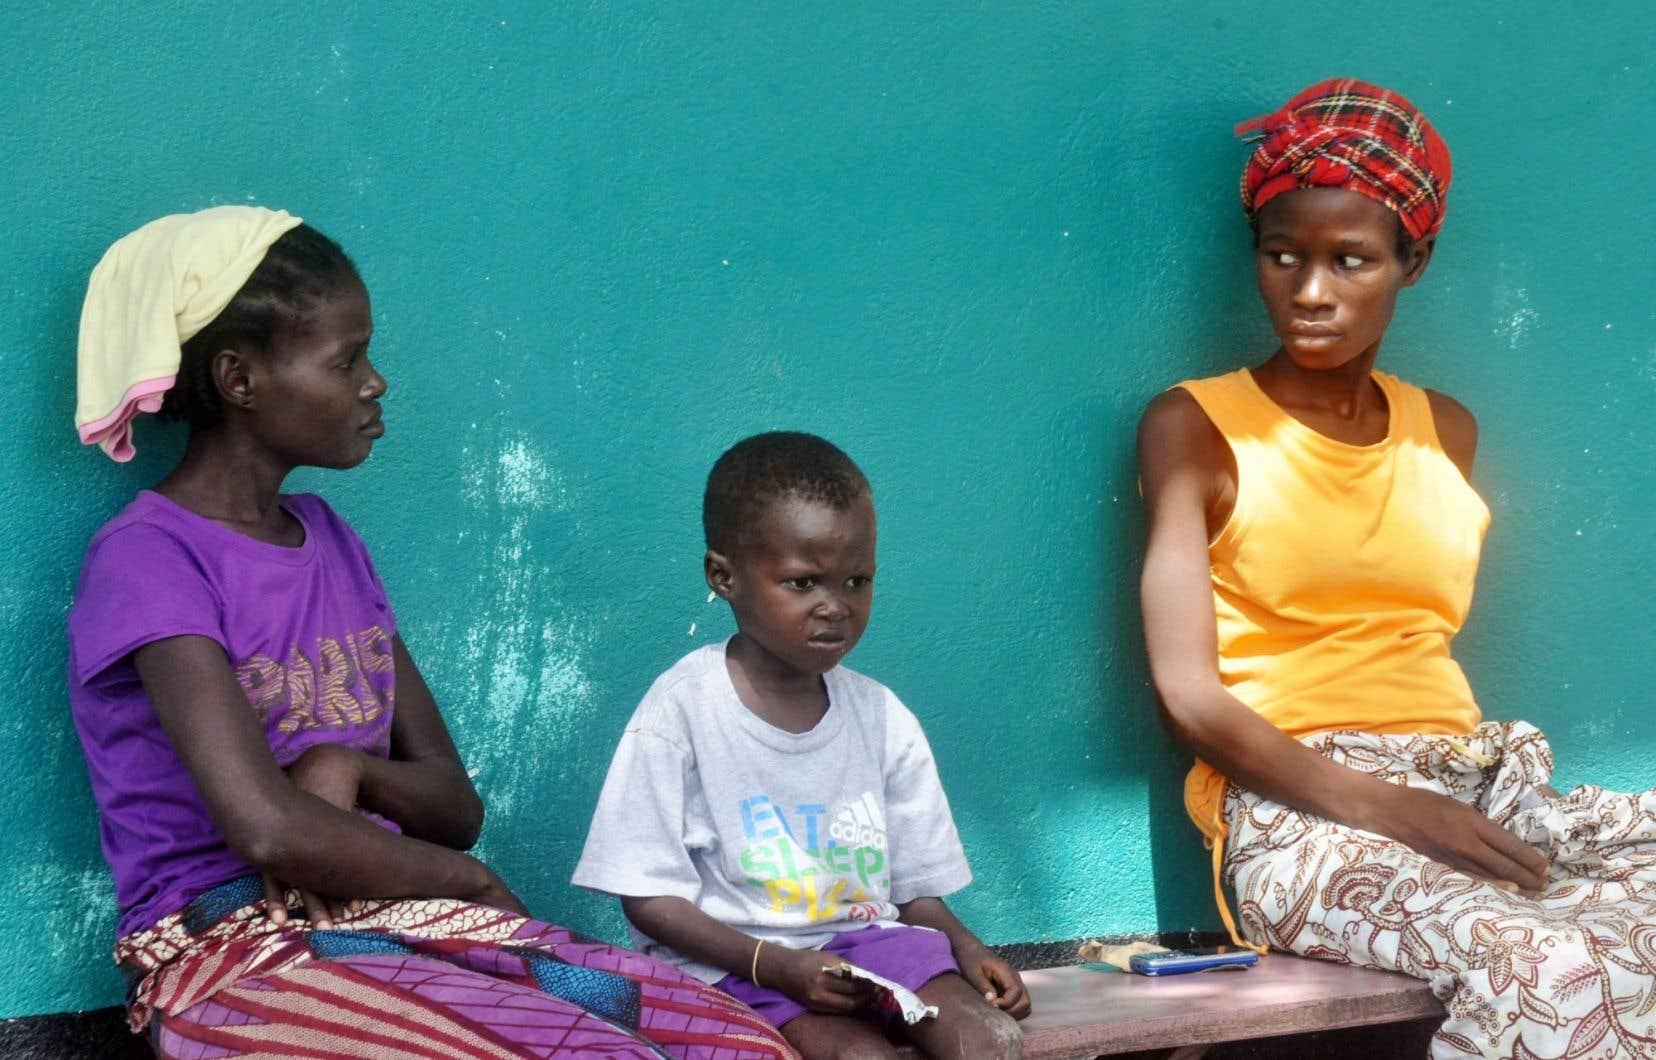 Le nombre de cas d'Ebola enregistrés au Liberia est actuellement en baisse. Ces trois patients, qui attendent à l'extérieur d'une clinique de Monrovia, présentent des symptômes de la maladie.